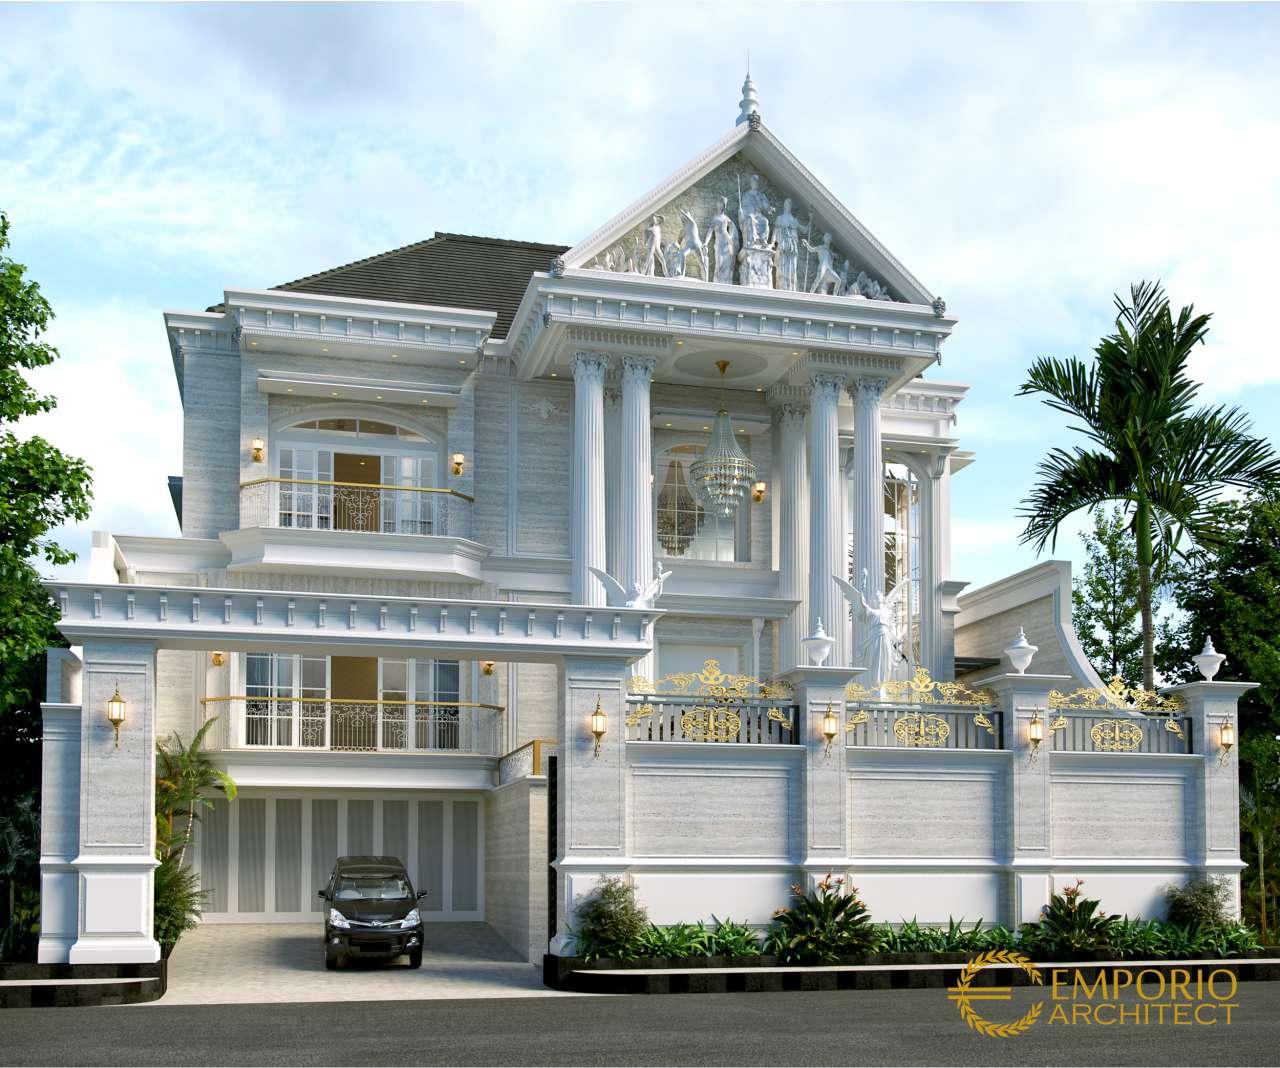 Desain Rumah Classic 3 Lantai Bapak Herman Di Denpasar, Bali